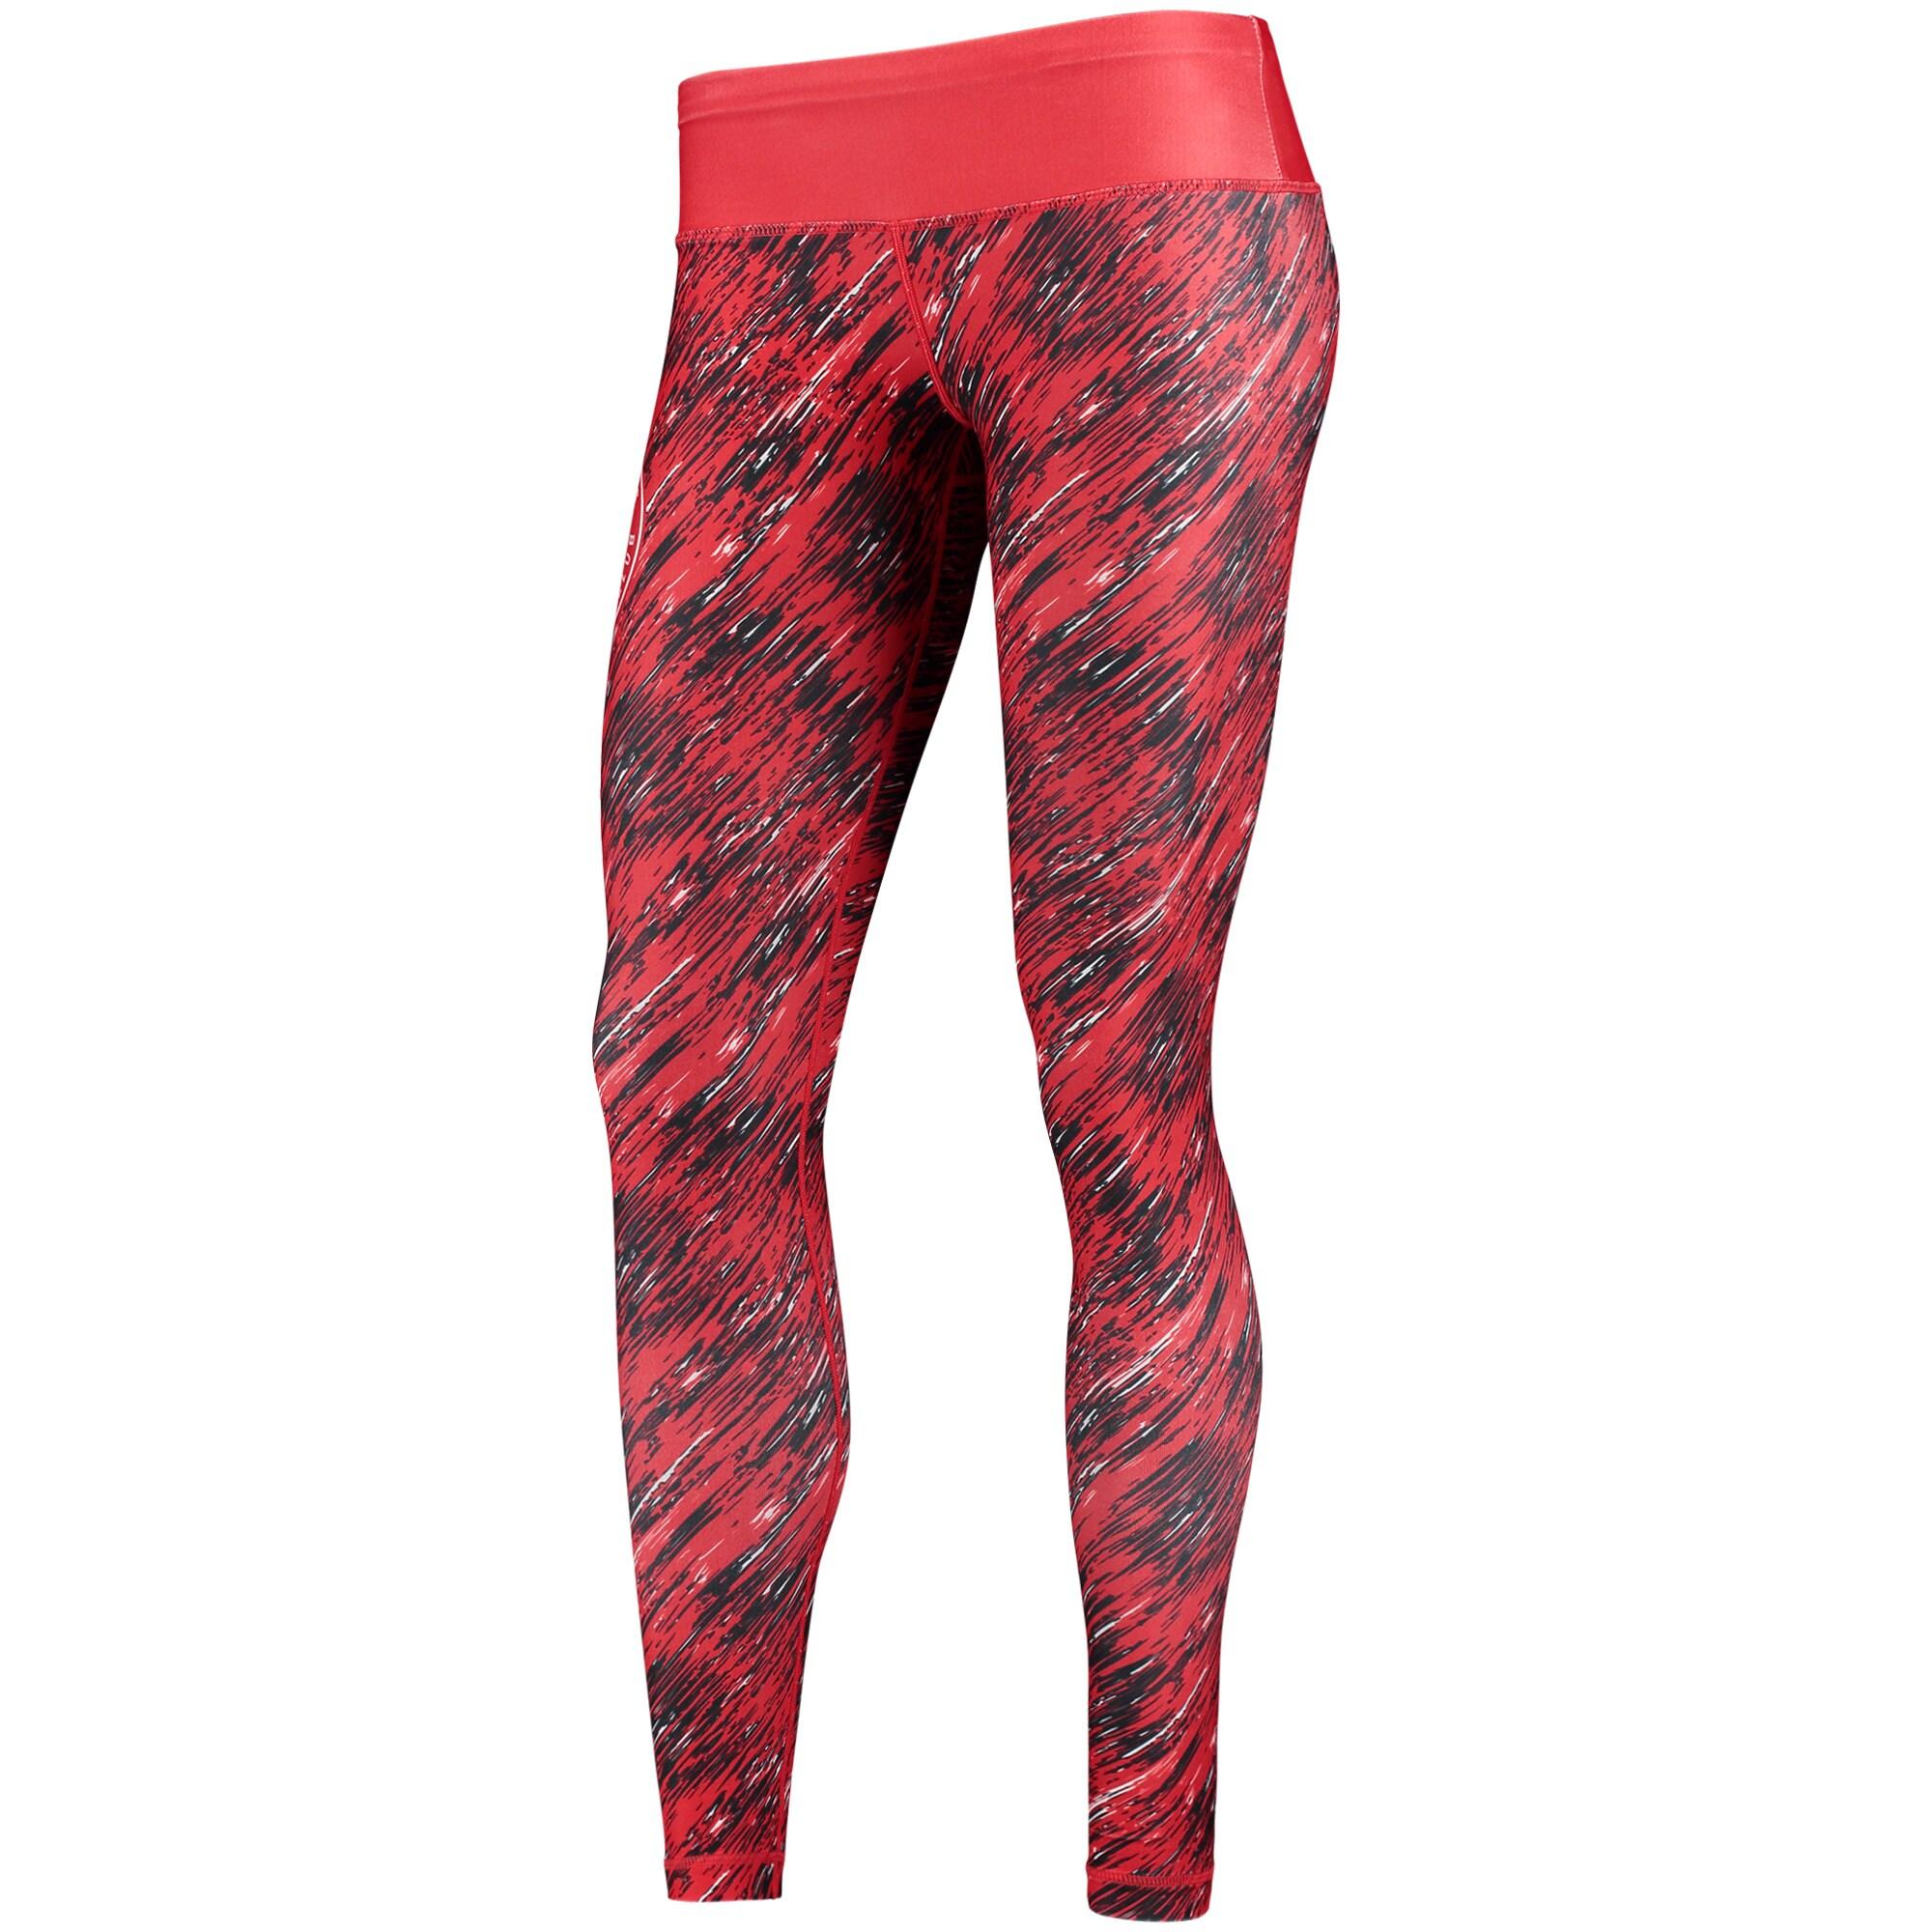 Atlanta Hawks Women's Static Rain Leggings - Red